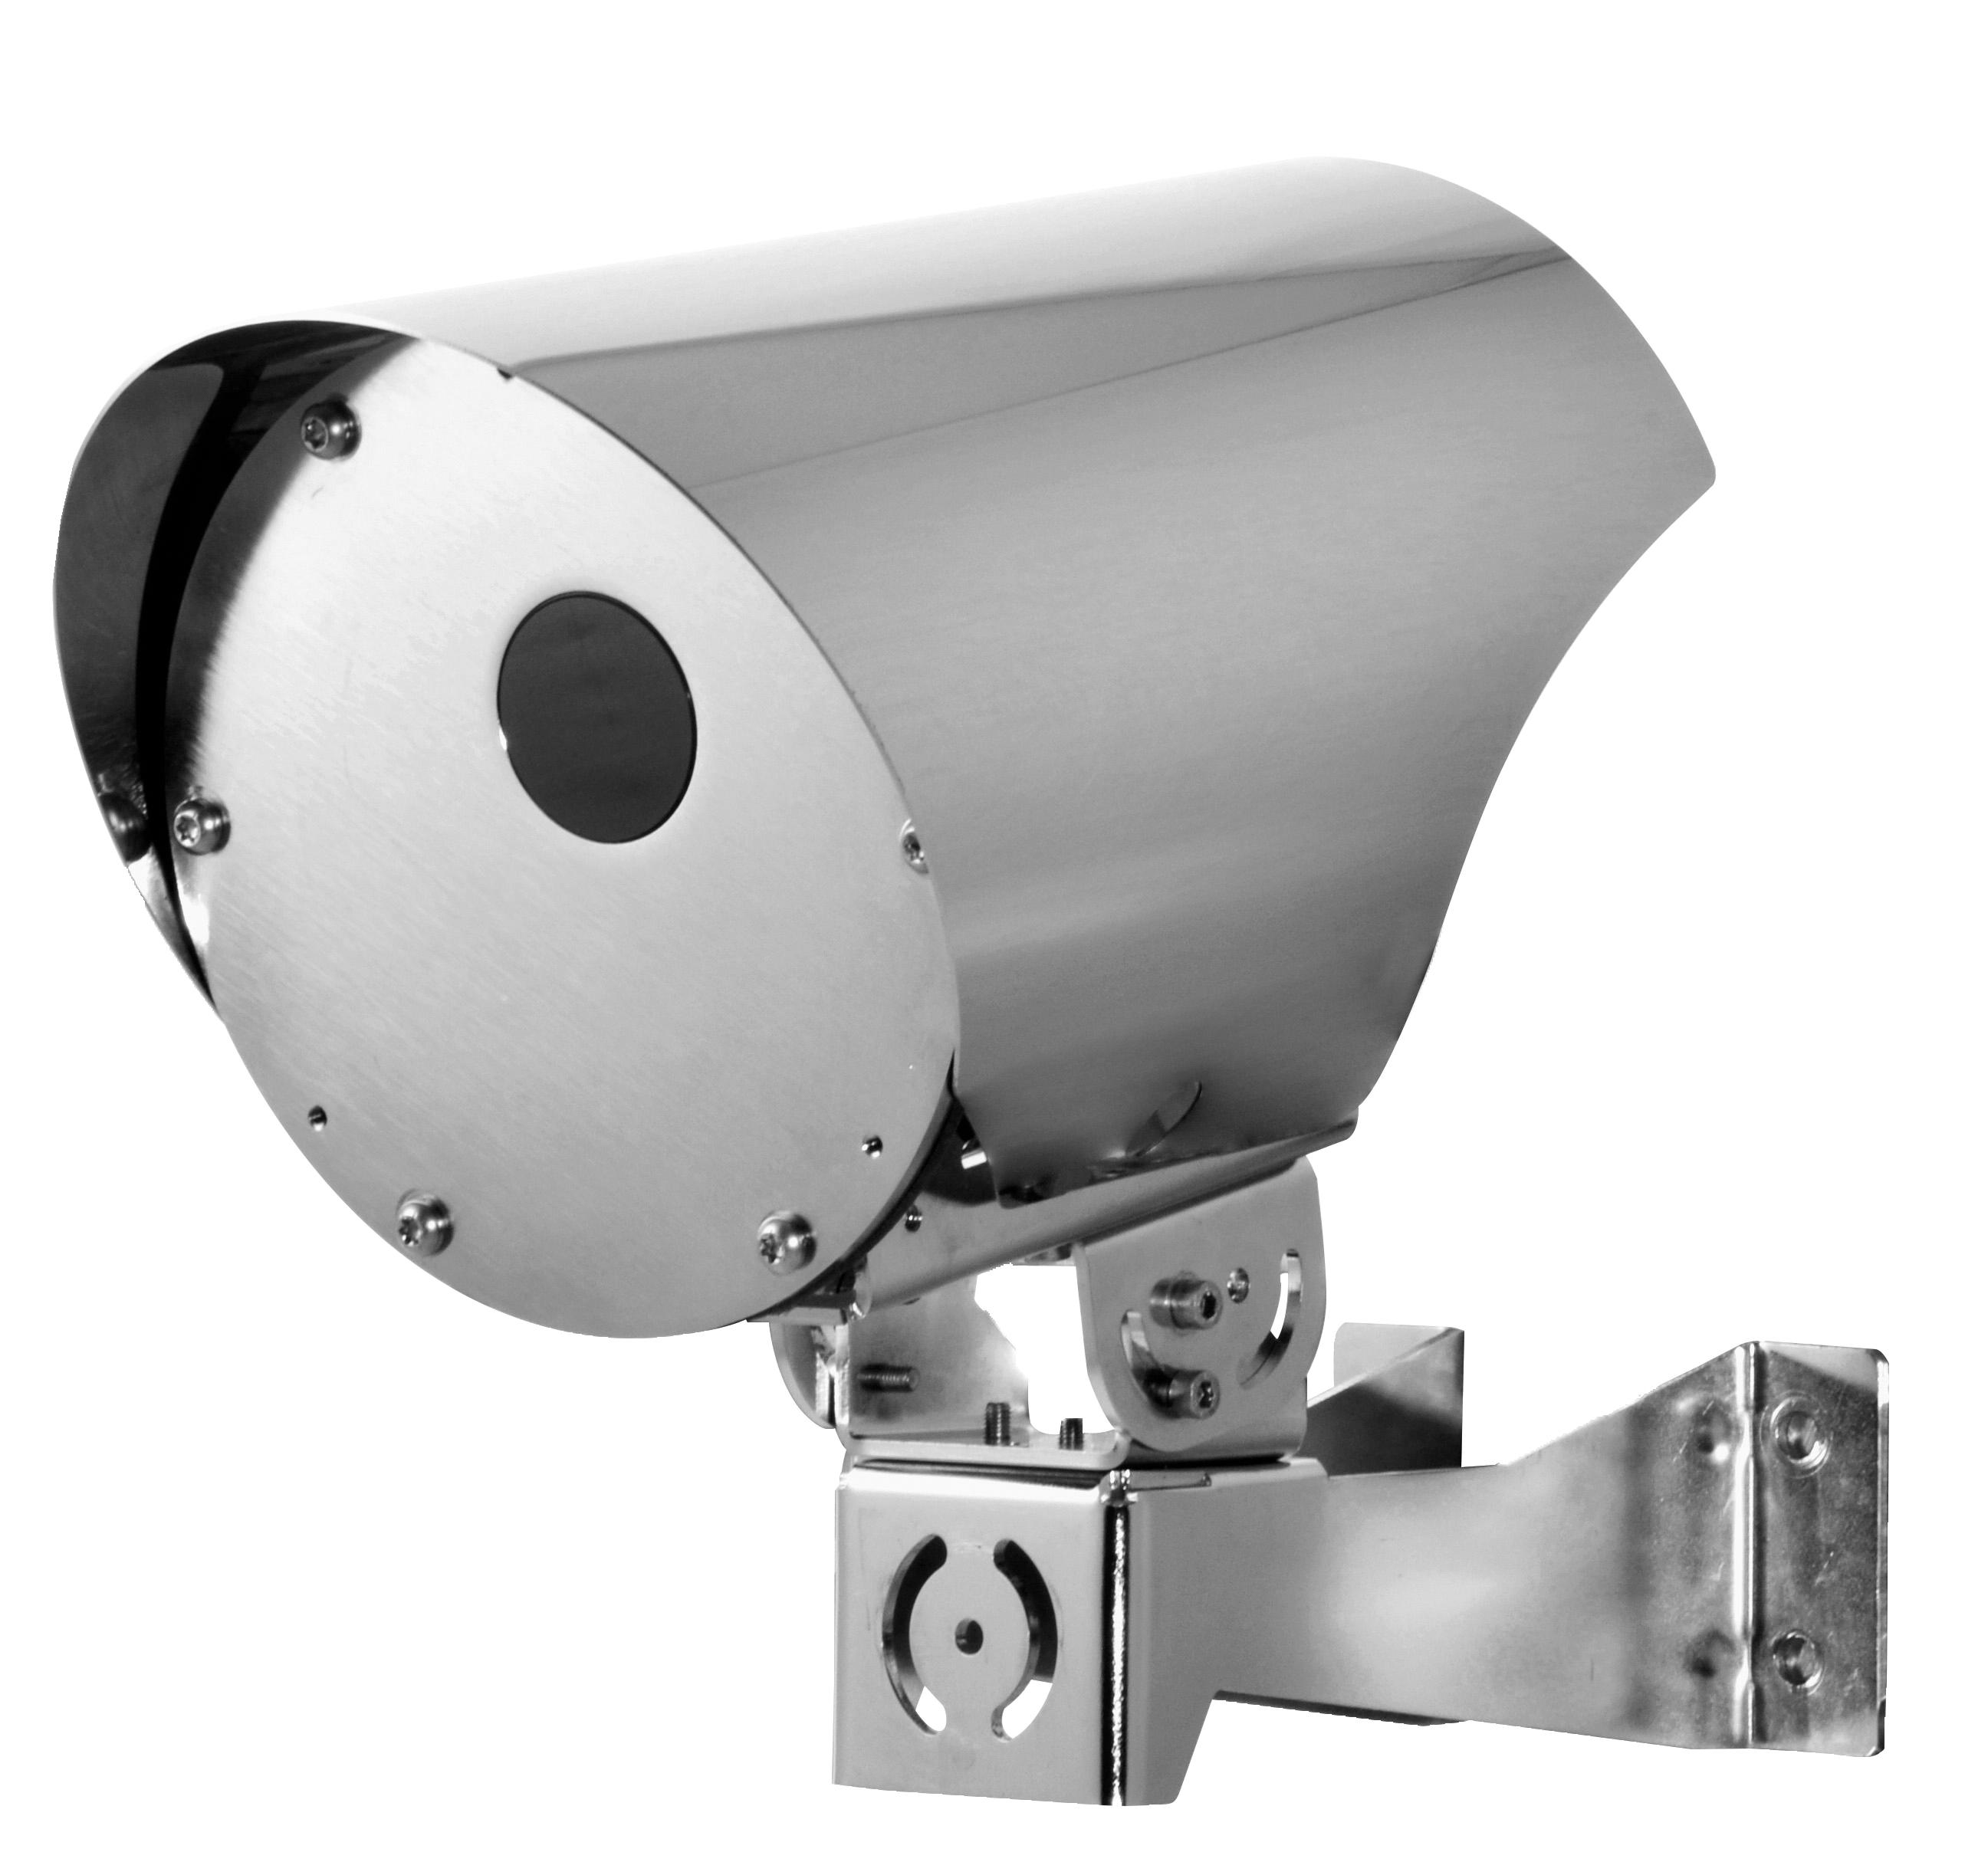 Visuel de la caméra NTX issue de la gamme de caméras de surveillance produites par Videotec et distribuées par SIPPRO Solutions IP Protection en France.